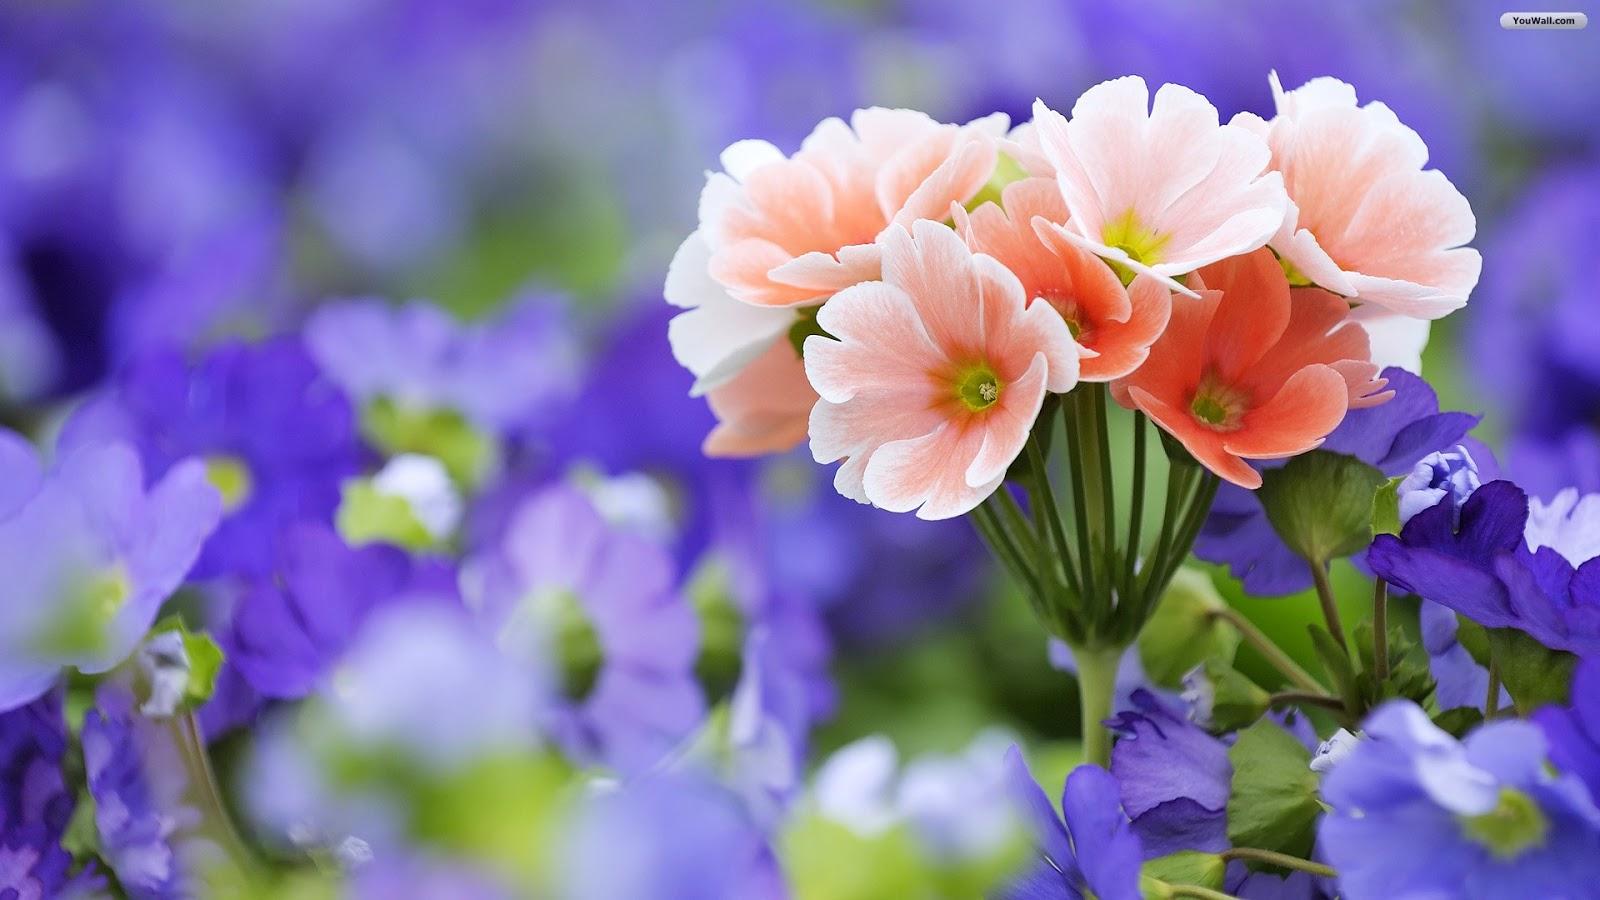 Desktop Beautiful Flowers HD Wallpapers 1600x900